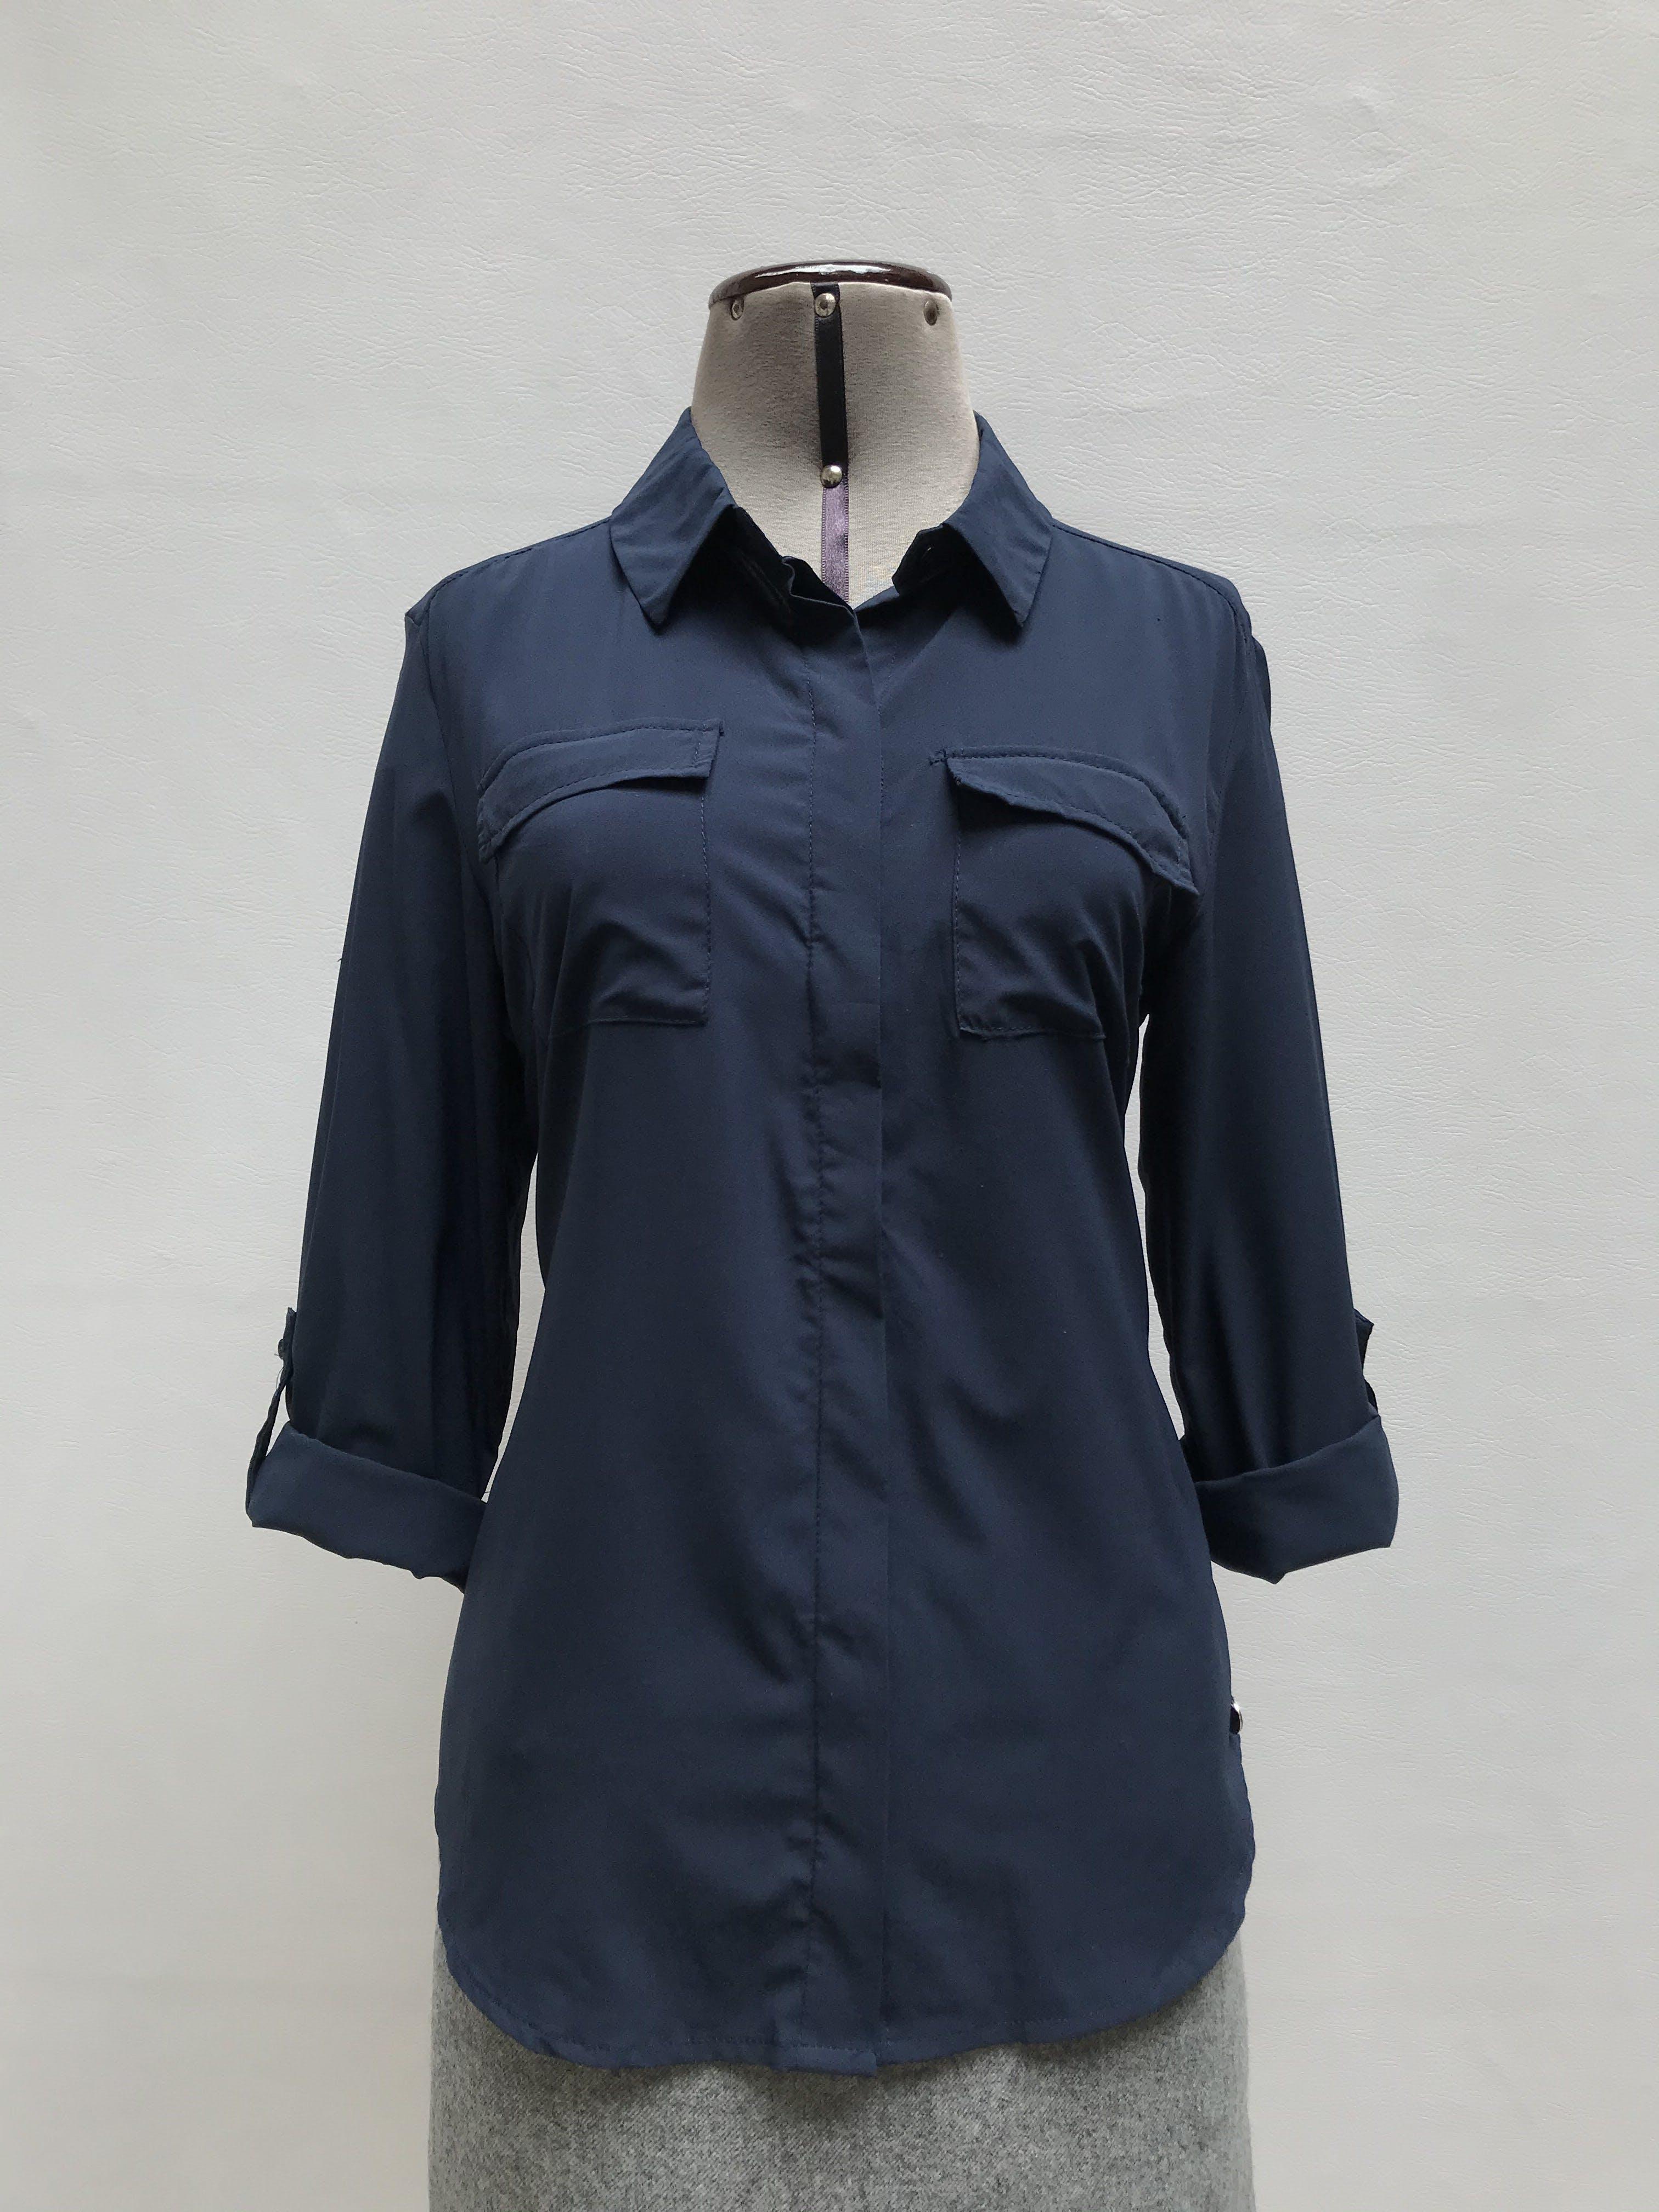 Blula Cacharel azul con cuello camisero, bolsillos en el pecho y fila de botones en el medio, manga larga regulable con botón Talla M